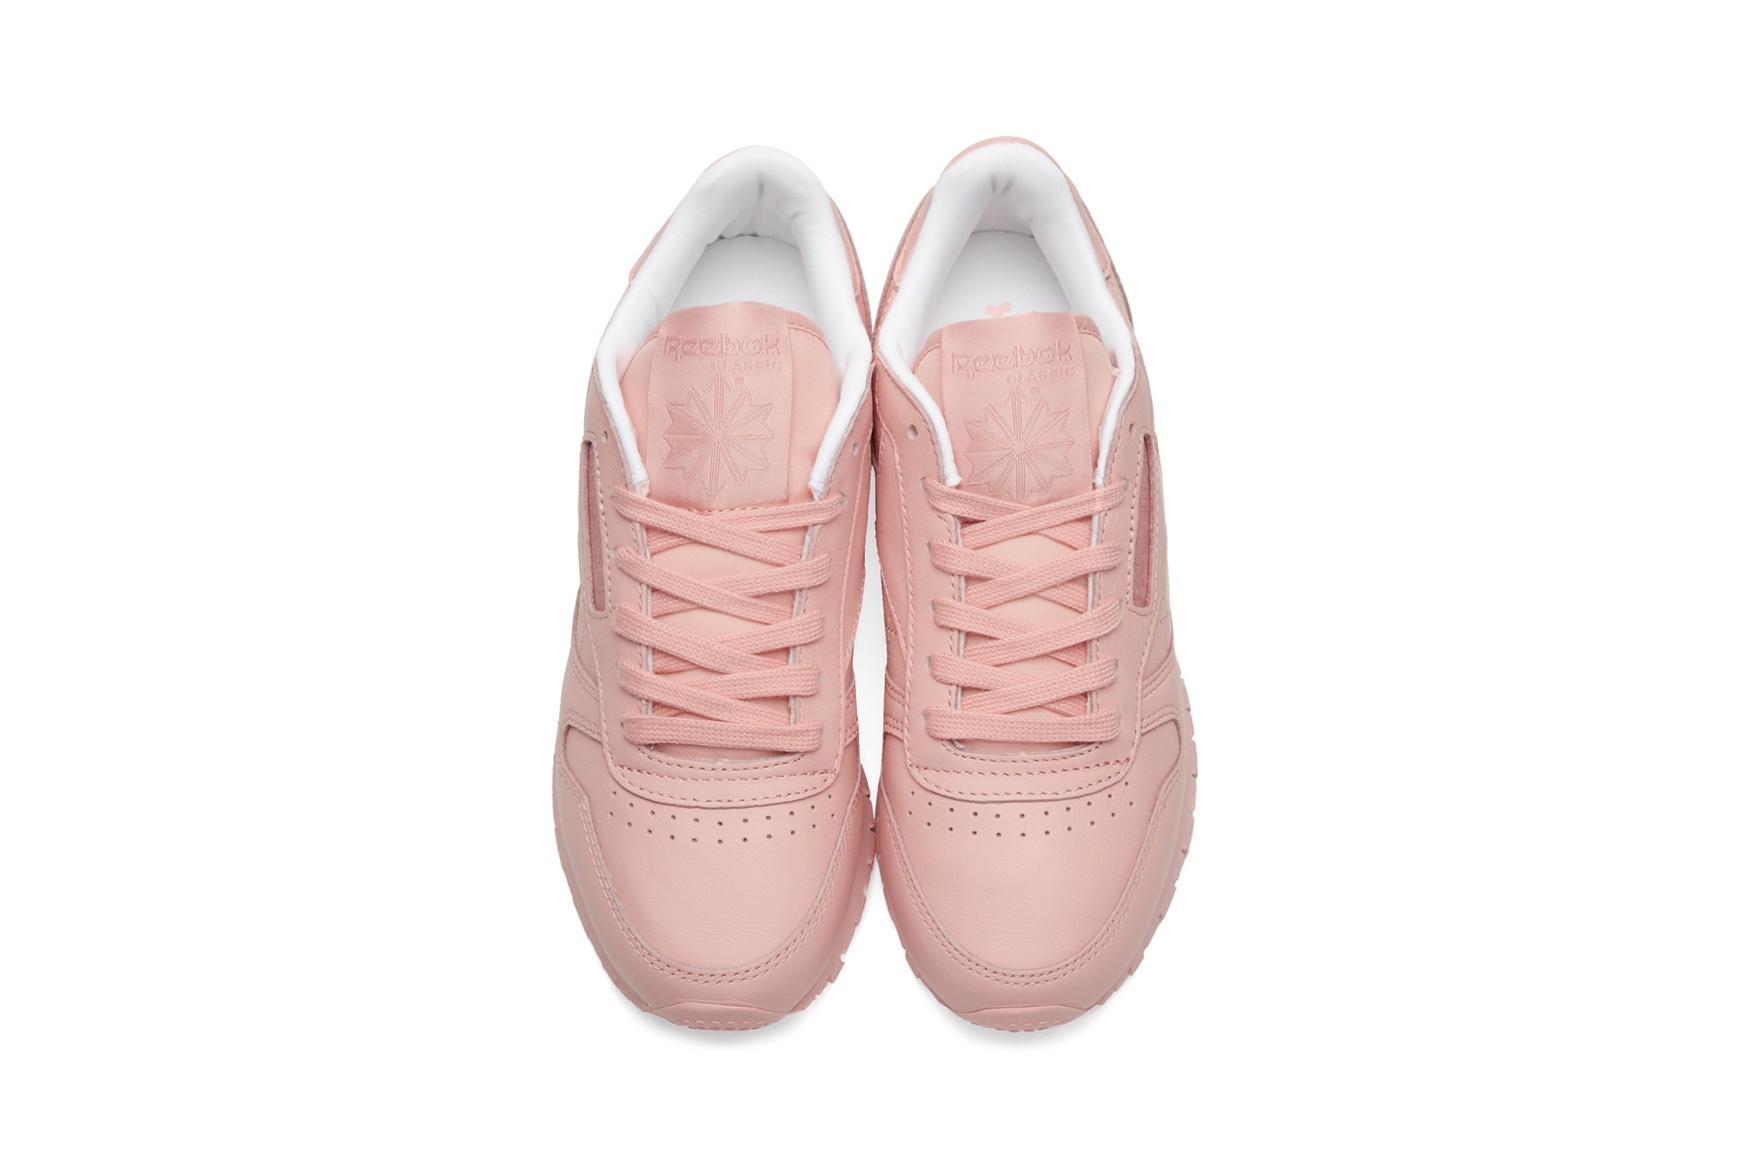 Новая модель кроссовок Reebok Classic Leather — это просто розовая мечта